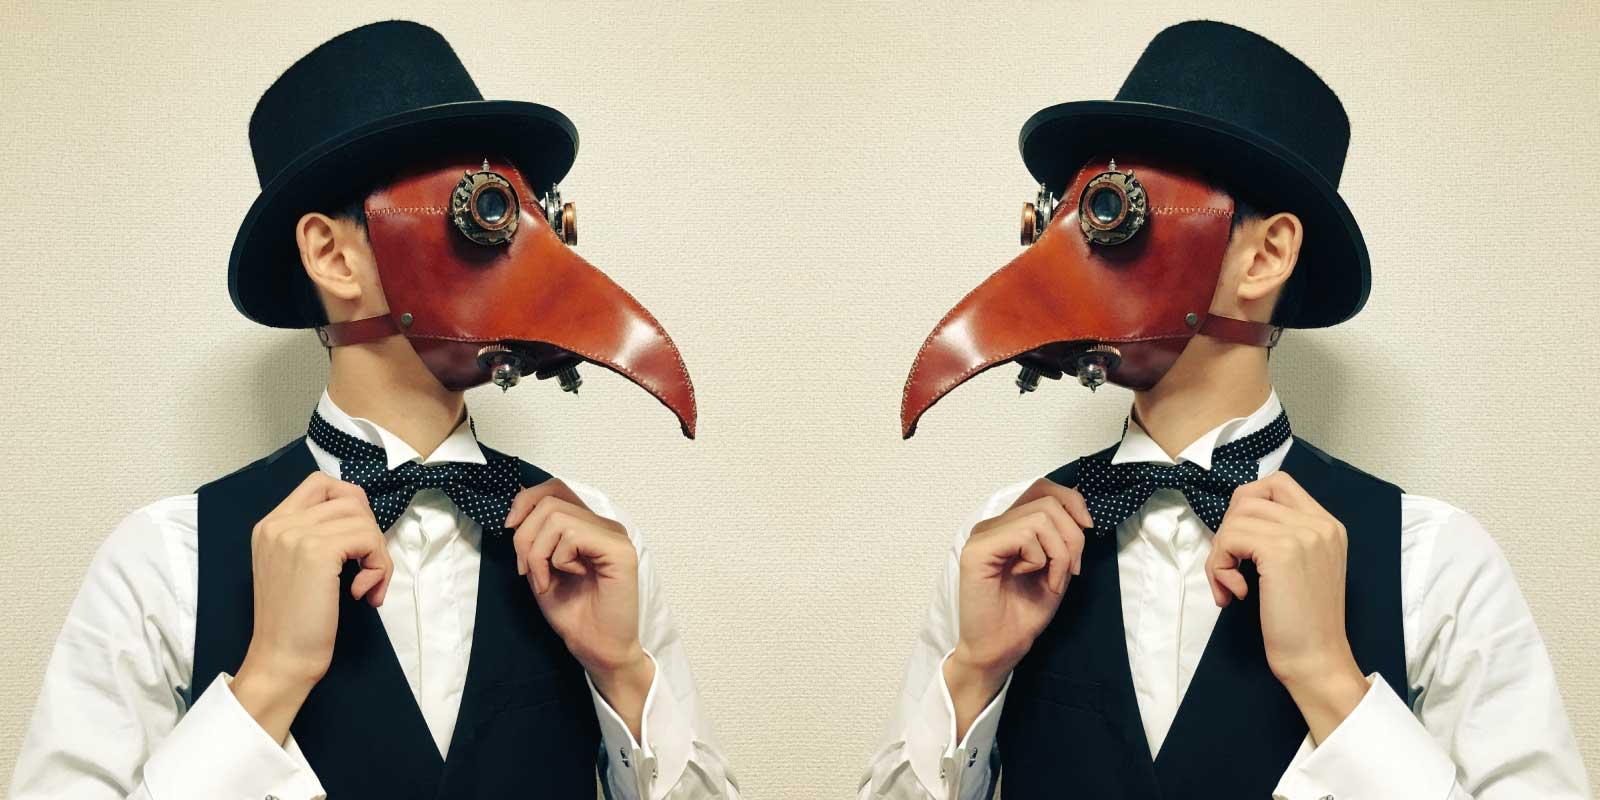 革製のスチームパンクなペストマスクを作った